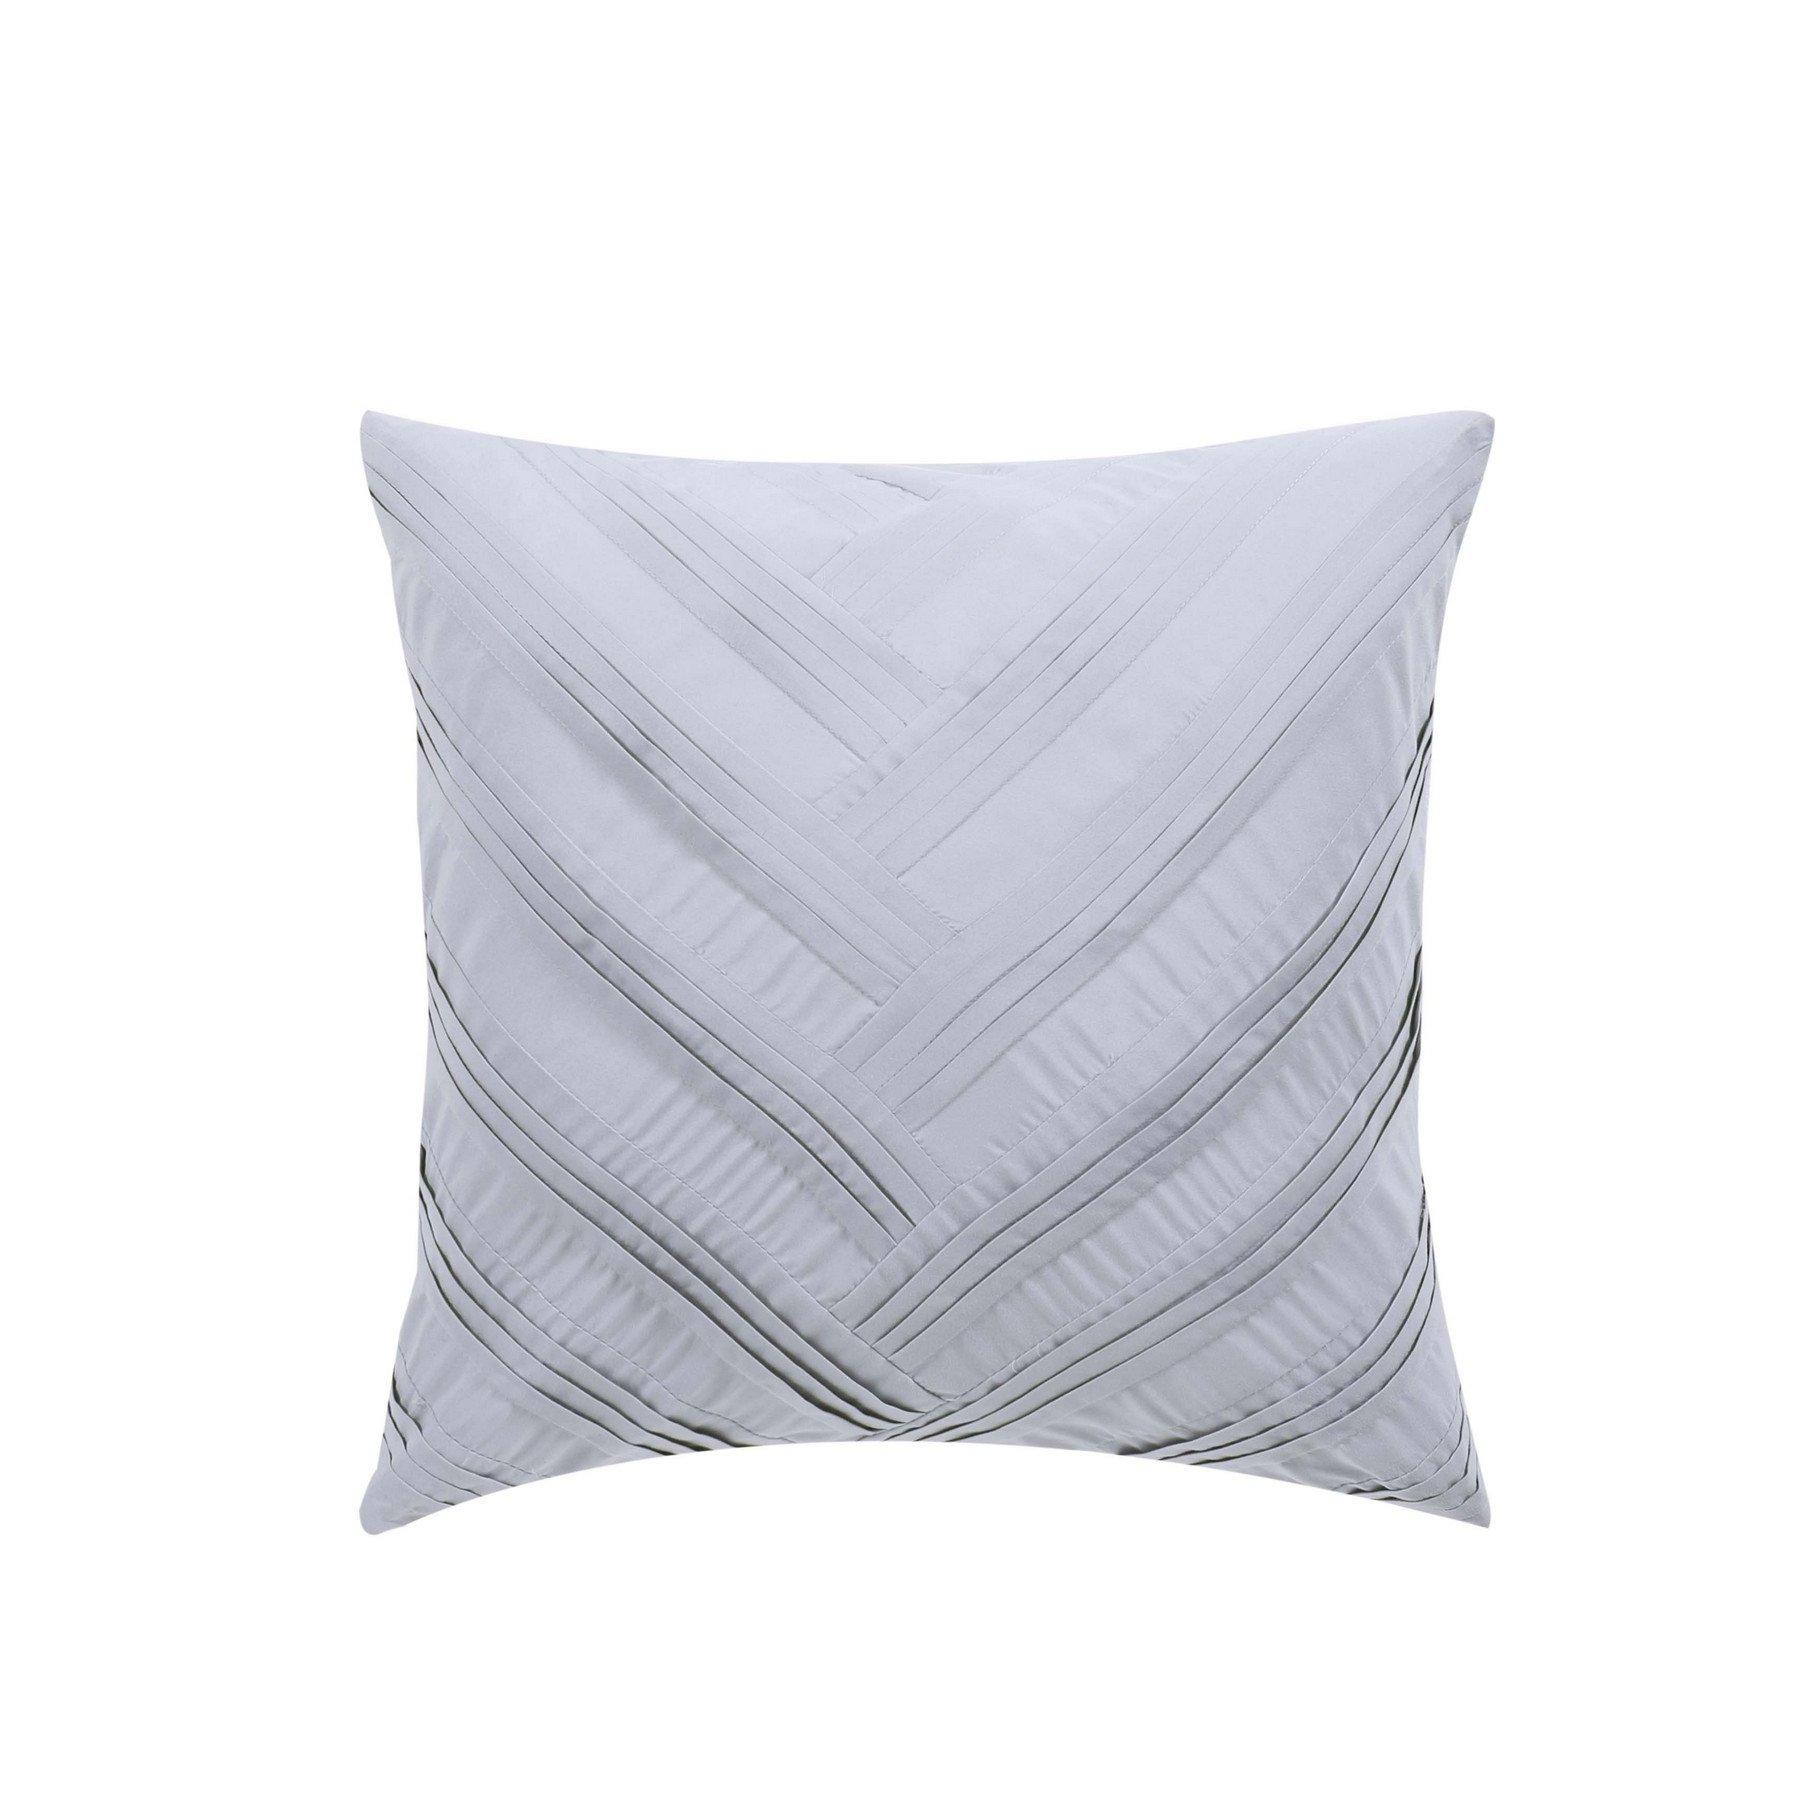 Vince Camuto Esti 18'' Square Decorative Pillow, Grey/White